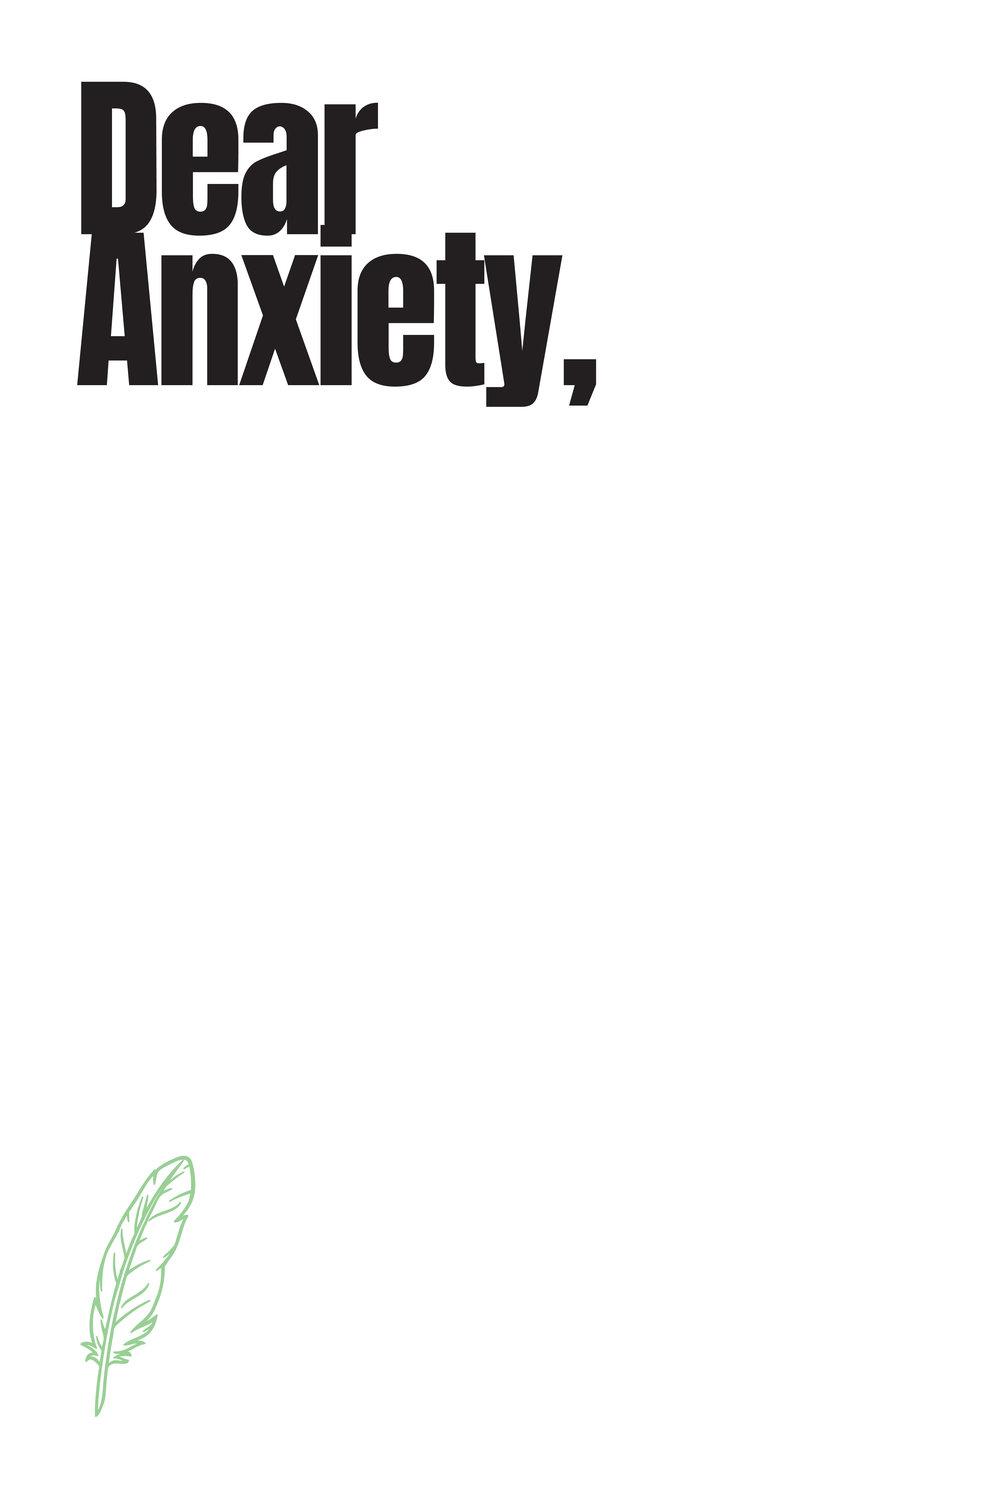 DearAnxiety-02.jpg